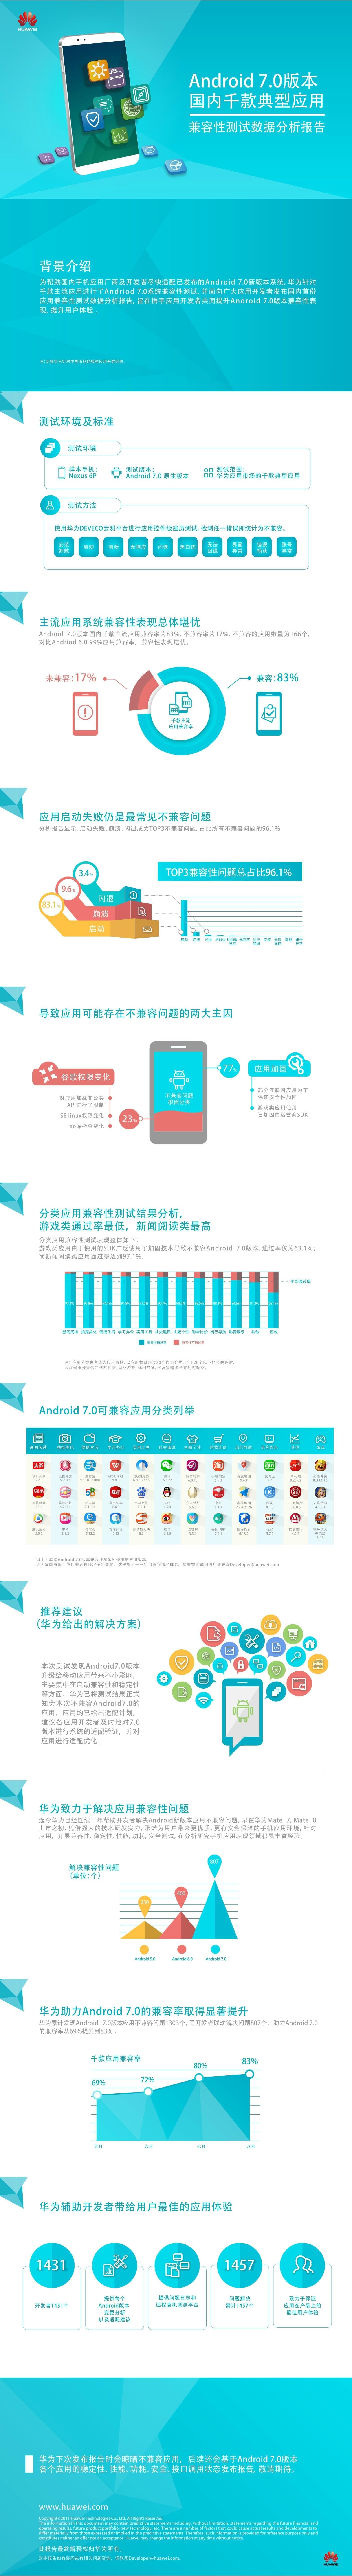 华为发布国内首份Android 7.0应用兼容报告的照片 - 2